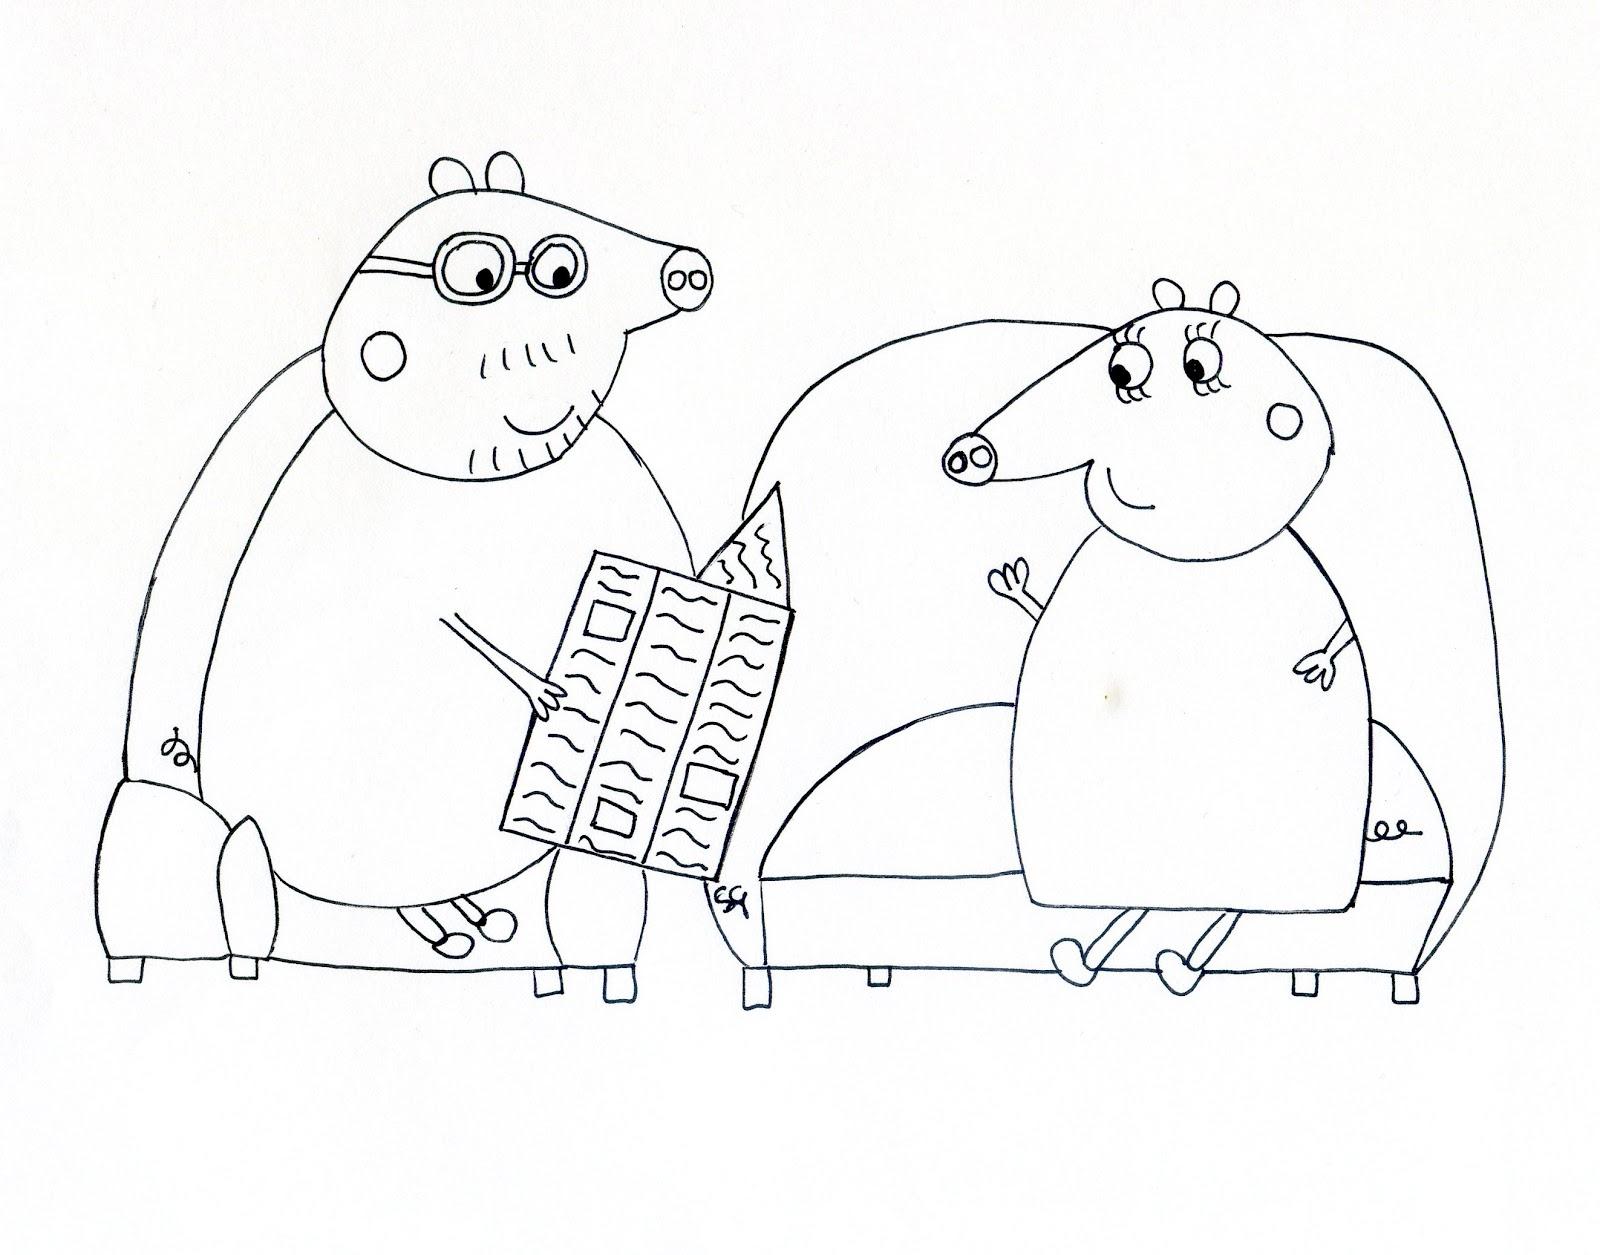 Dibujos De Peppa Para Colorear E Imprimir: Blog MegaDiverso: Peppa Pig Para Colorear E Imprimir